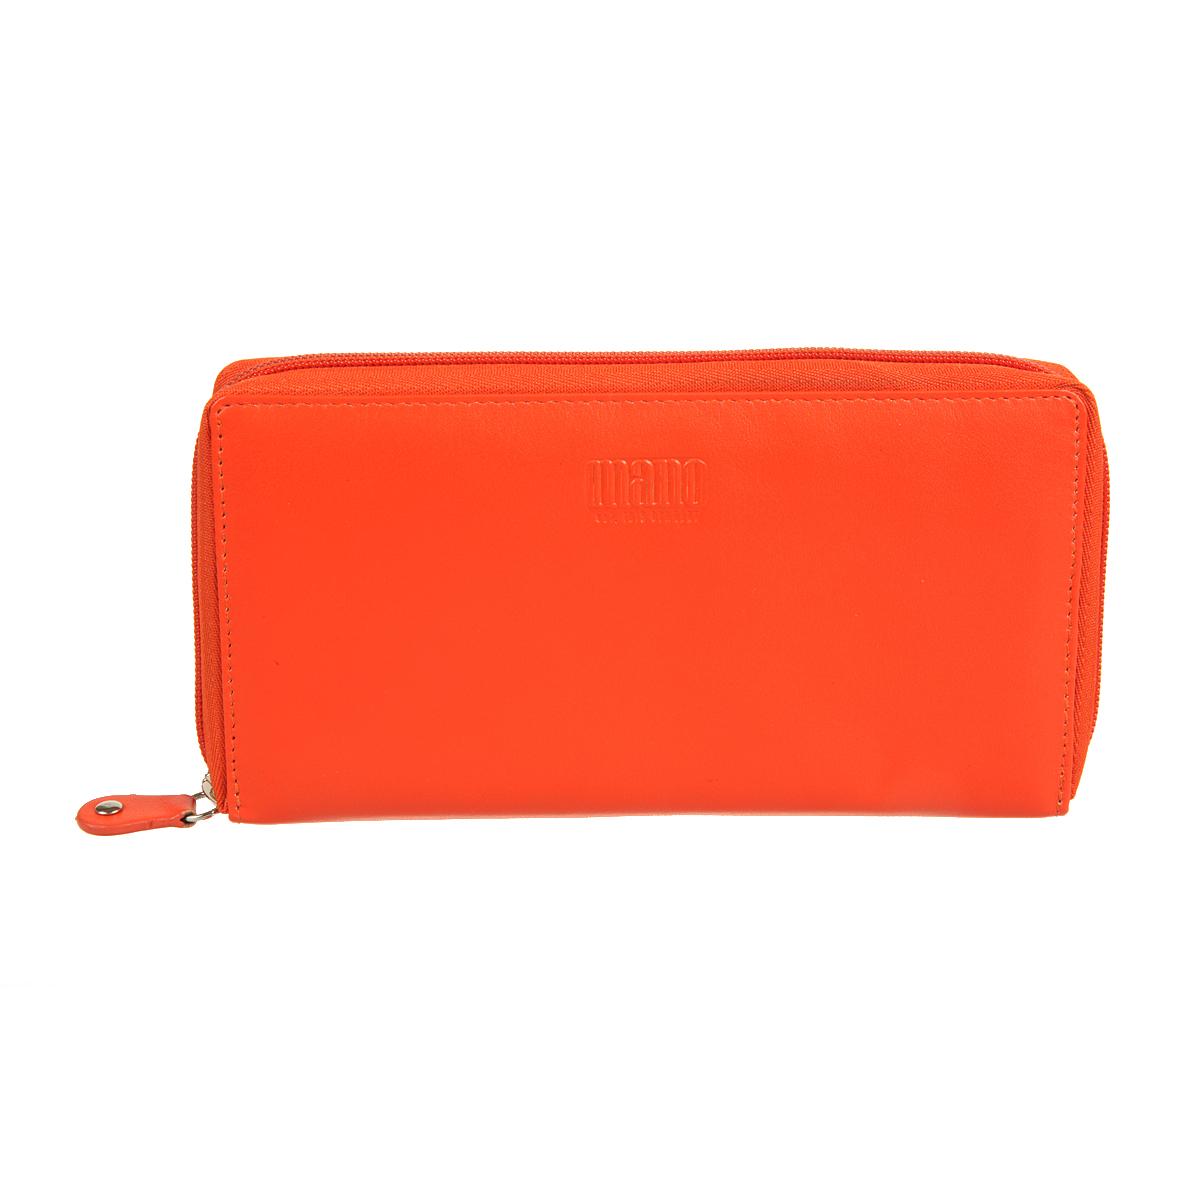 Портмоне женское Mano, цвет: оранжевый. 14659 orange14659 orangeзакрывается по периметру на молнию внутри четыре отдела для купюр карман для мелочи на молнии восемь кармашков для пластиковых карт два кармана для документов